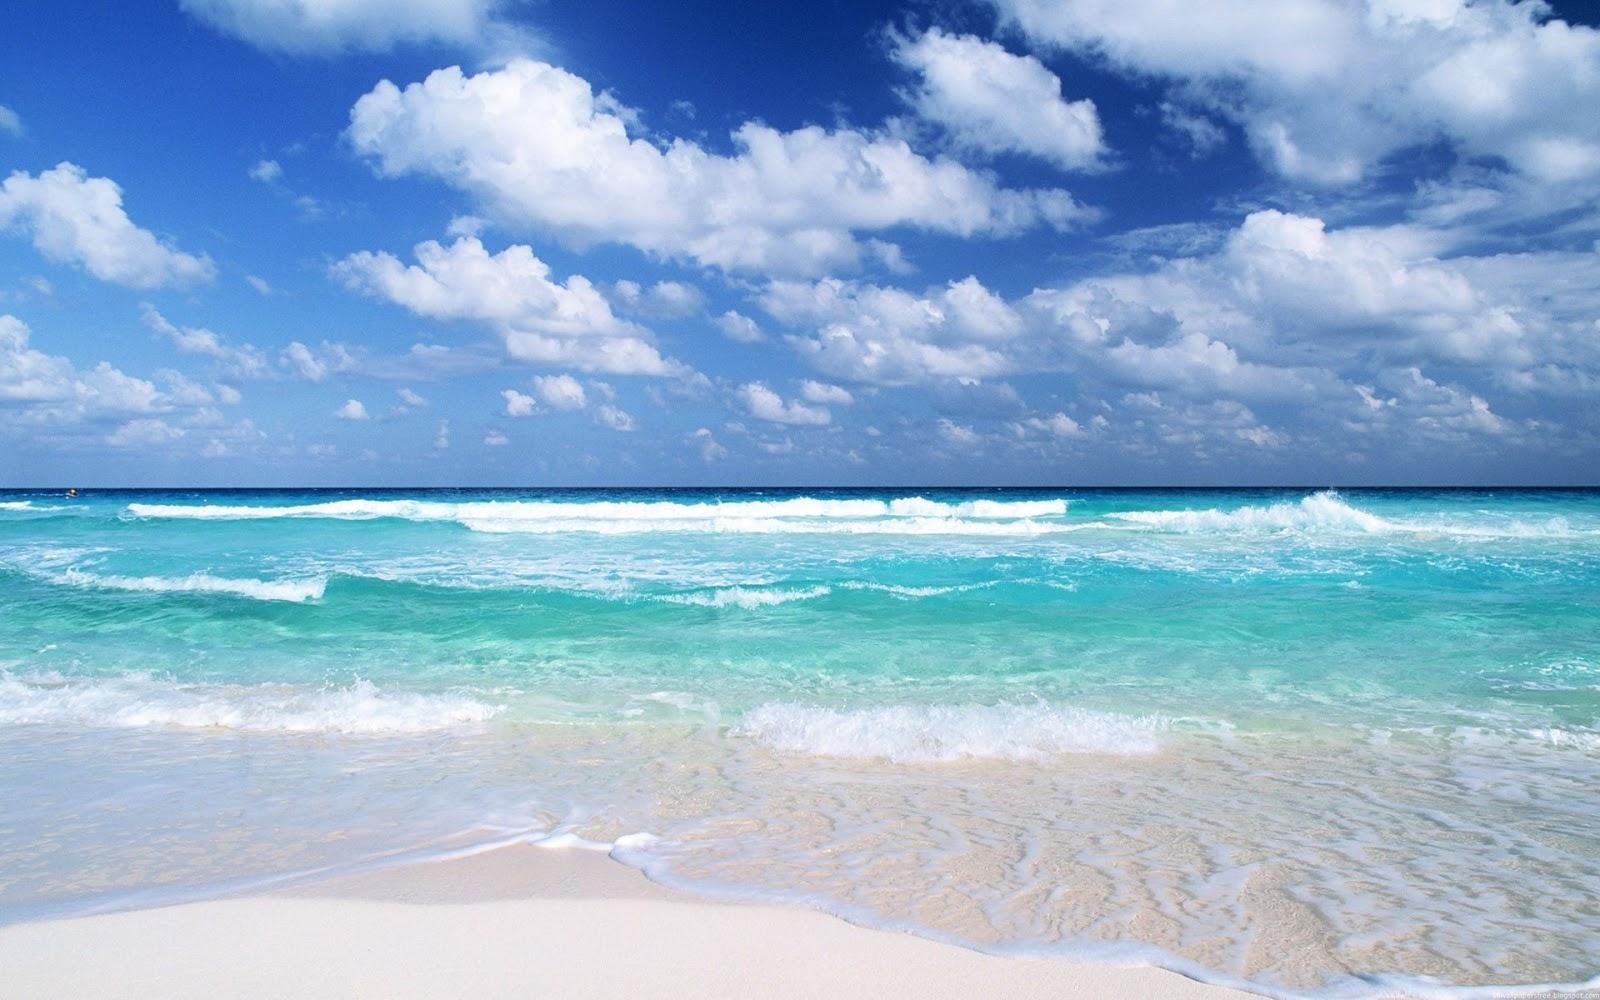 free beach wallpaper beach wallpaper hd hd beach wallpaper beach hd 1600x1000